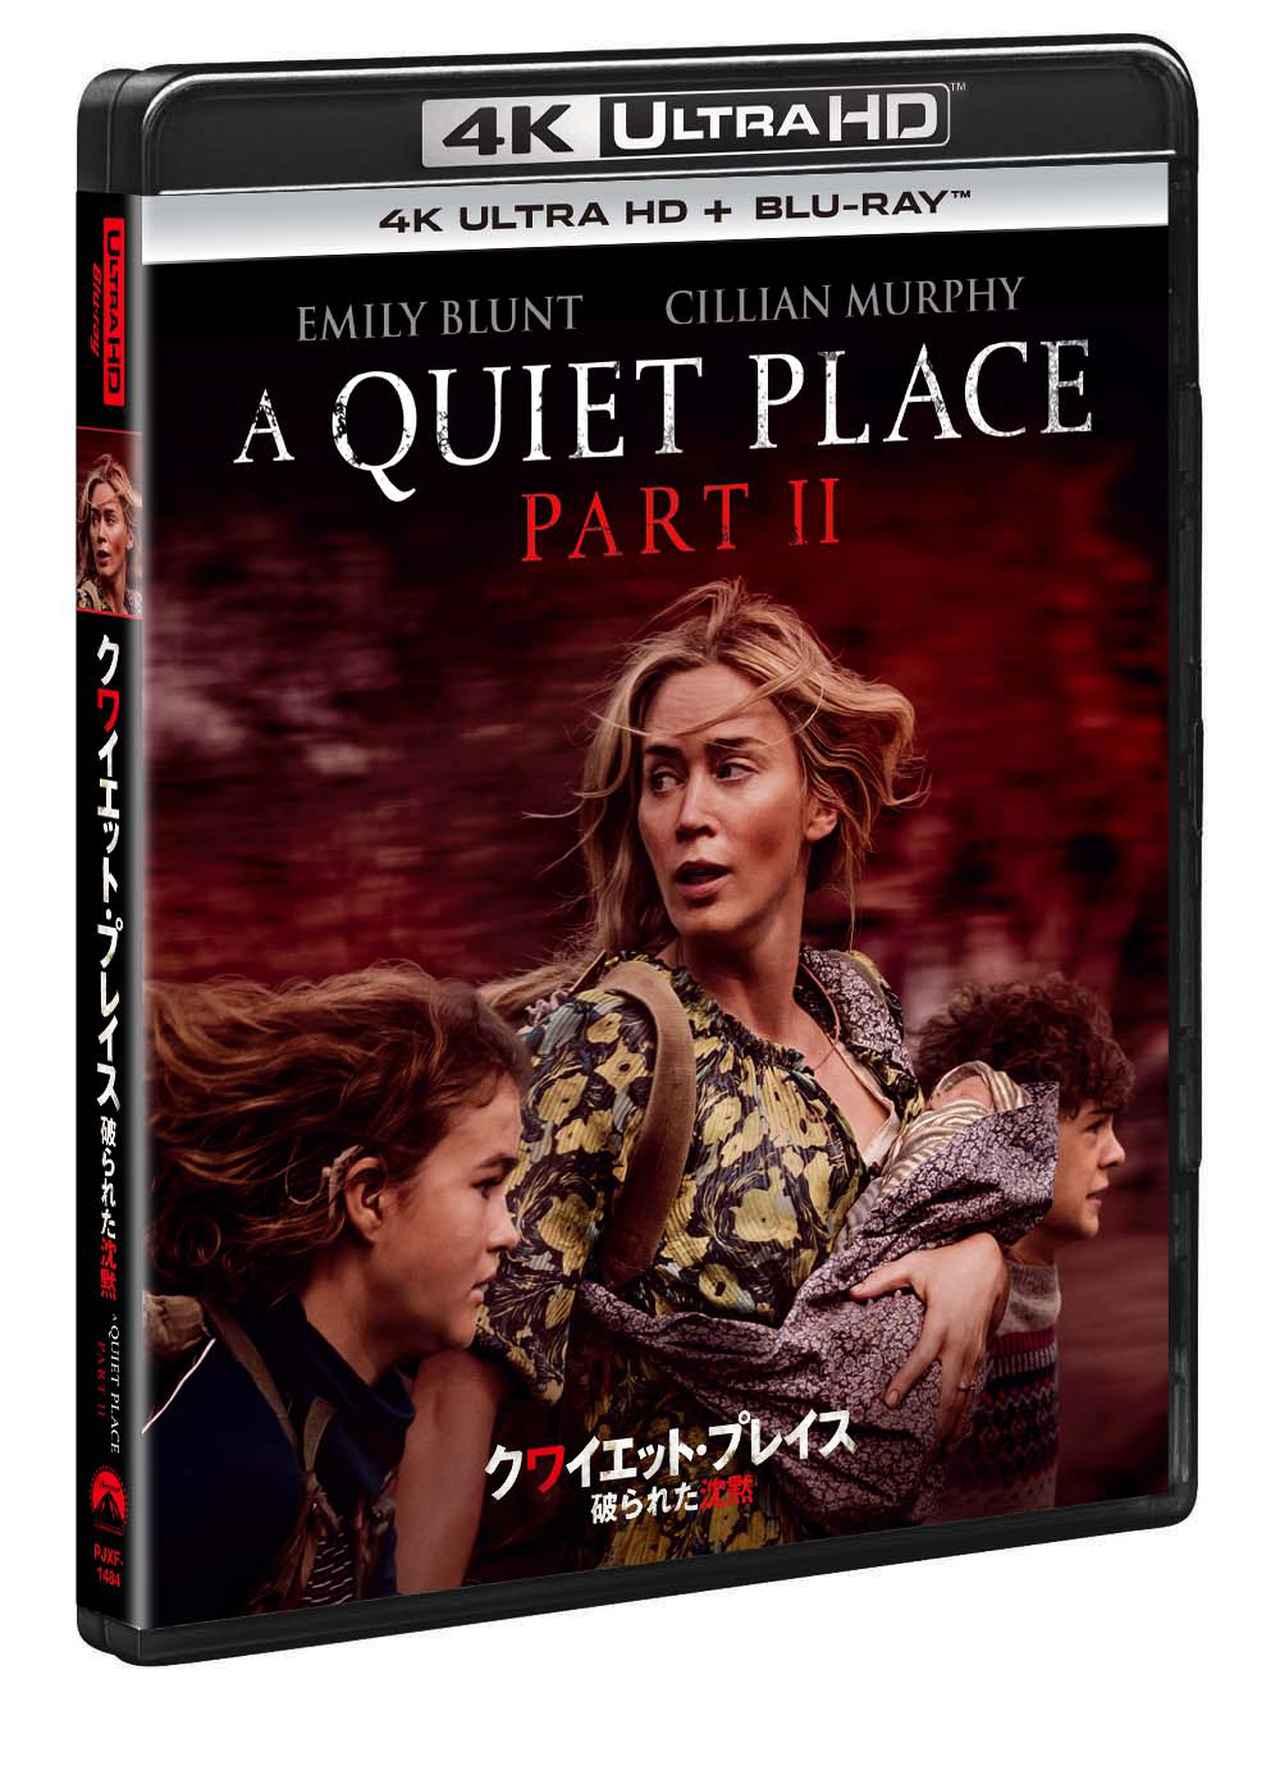 画像2: 『クワイエット・プレイス 破られた沈黙』10月にソフト発売、9月にはデジタル先行配信